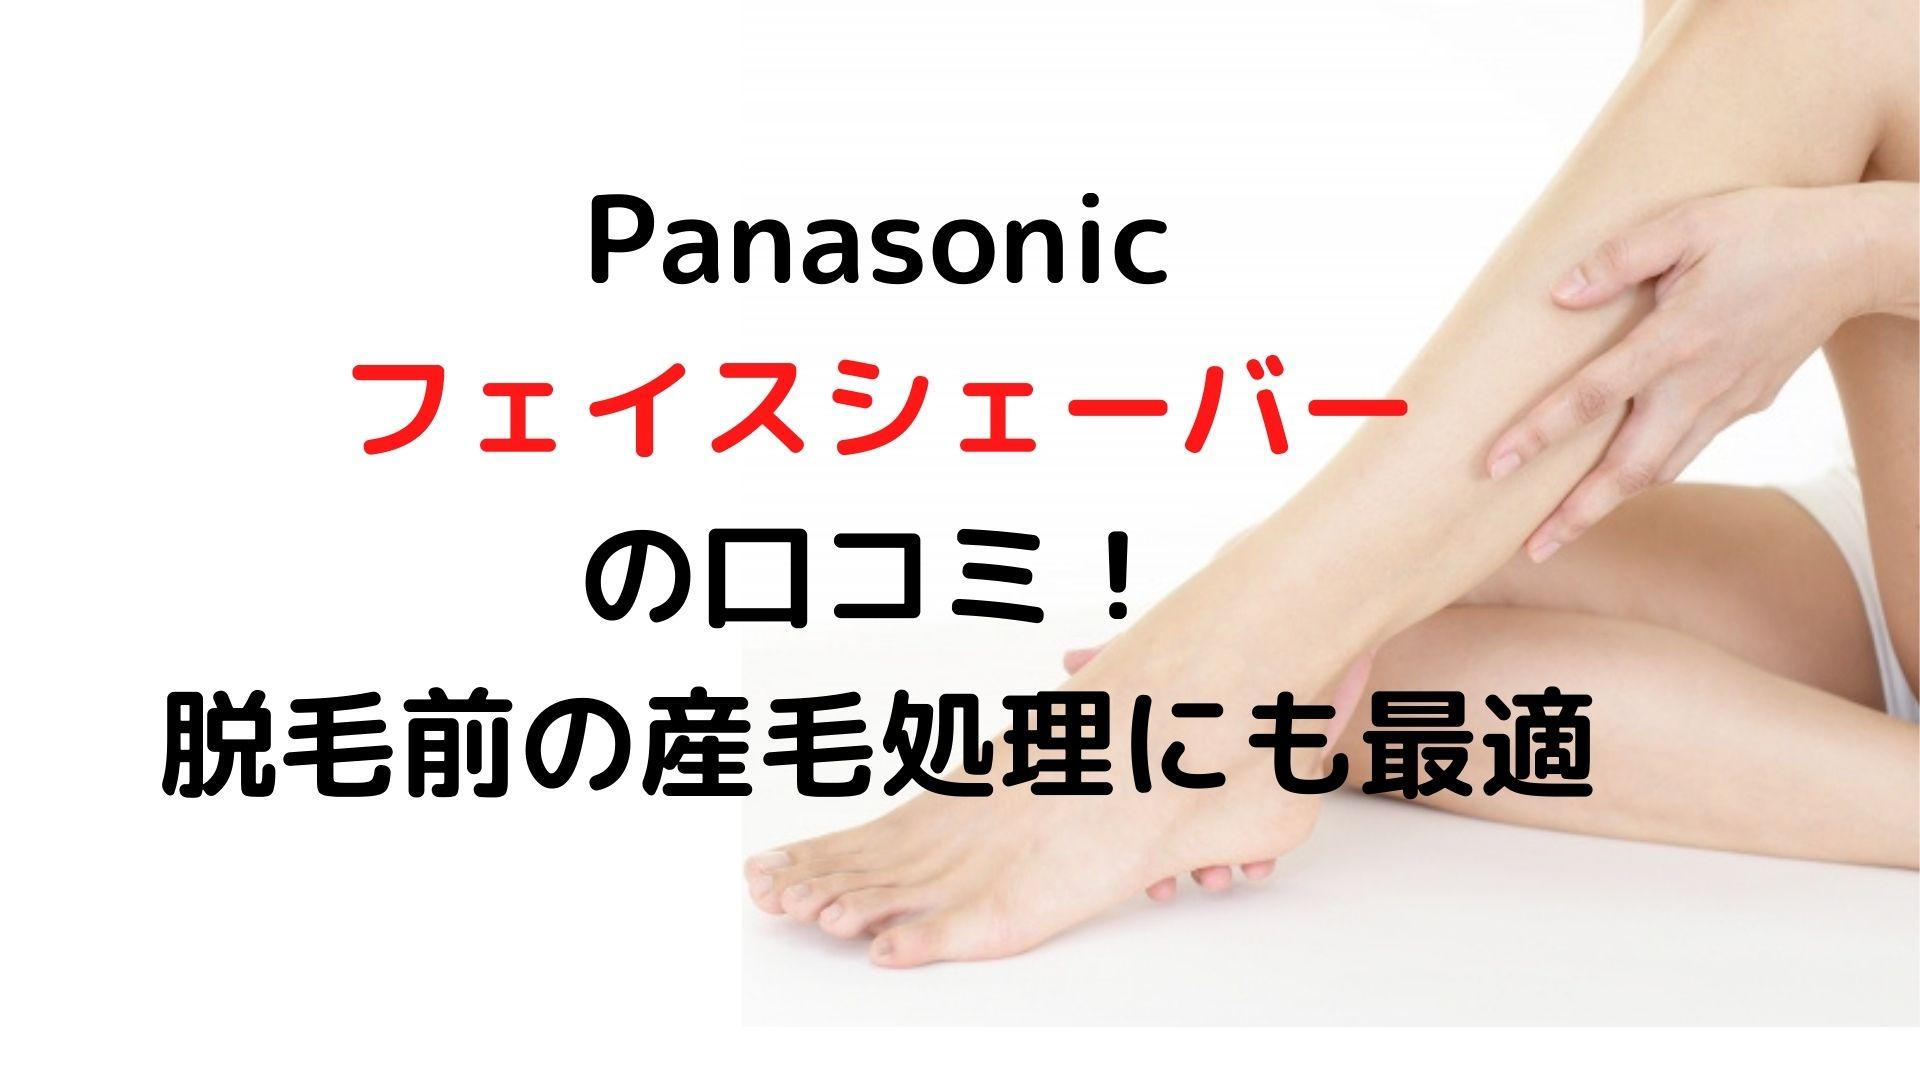 Panasonicフェイスシェーバーの口コミ!脱毛前の産毛処理にも最適